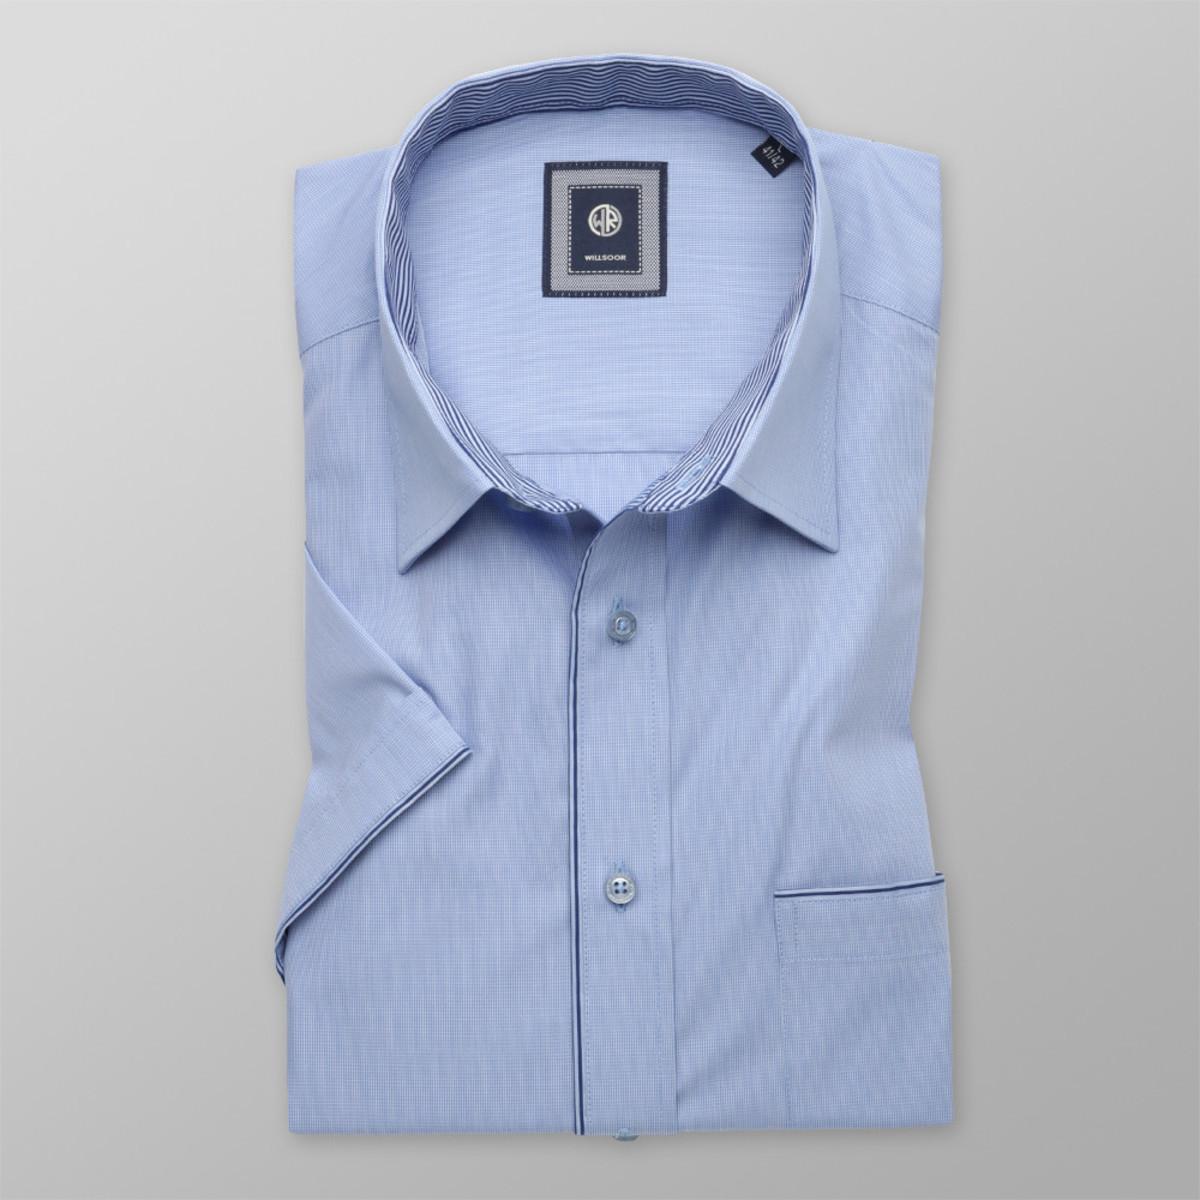 Košeľa klasická svetlo modrej farby (výška 176 - 182) 10511 176-182 / XXL (45/46)